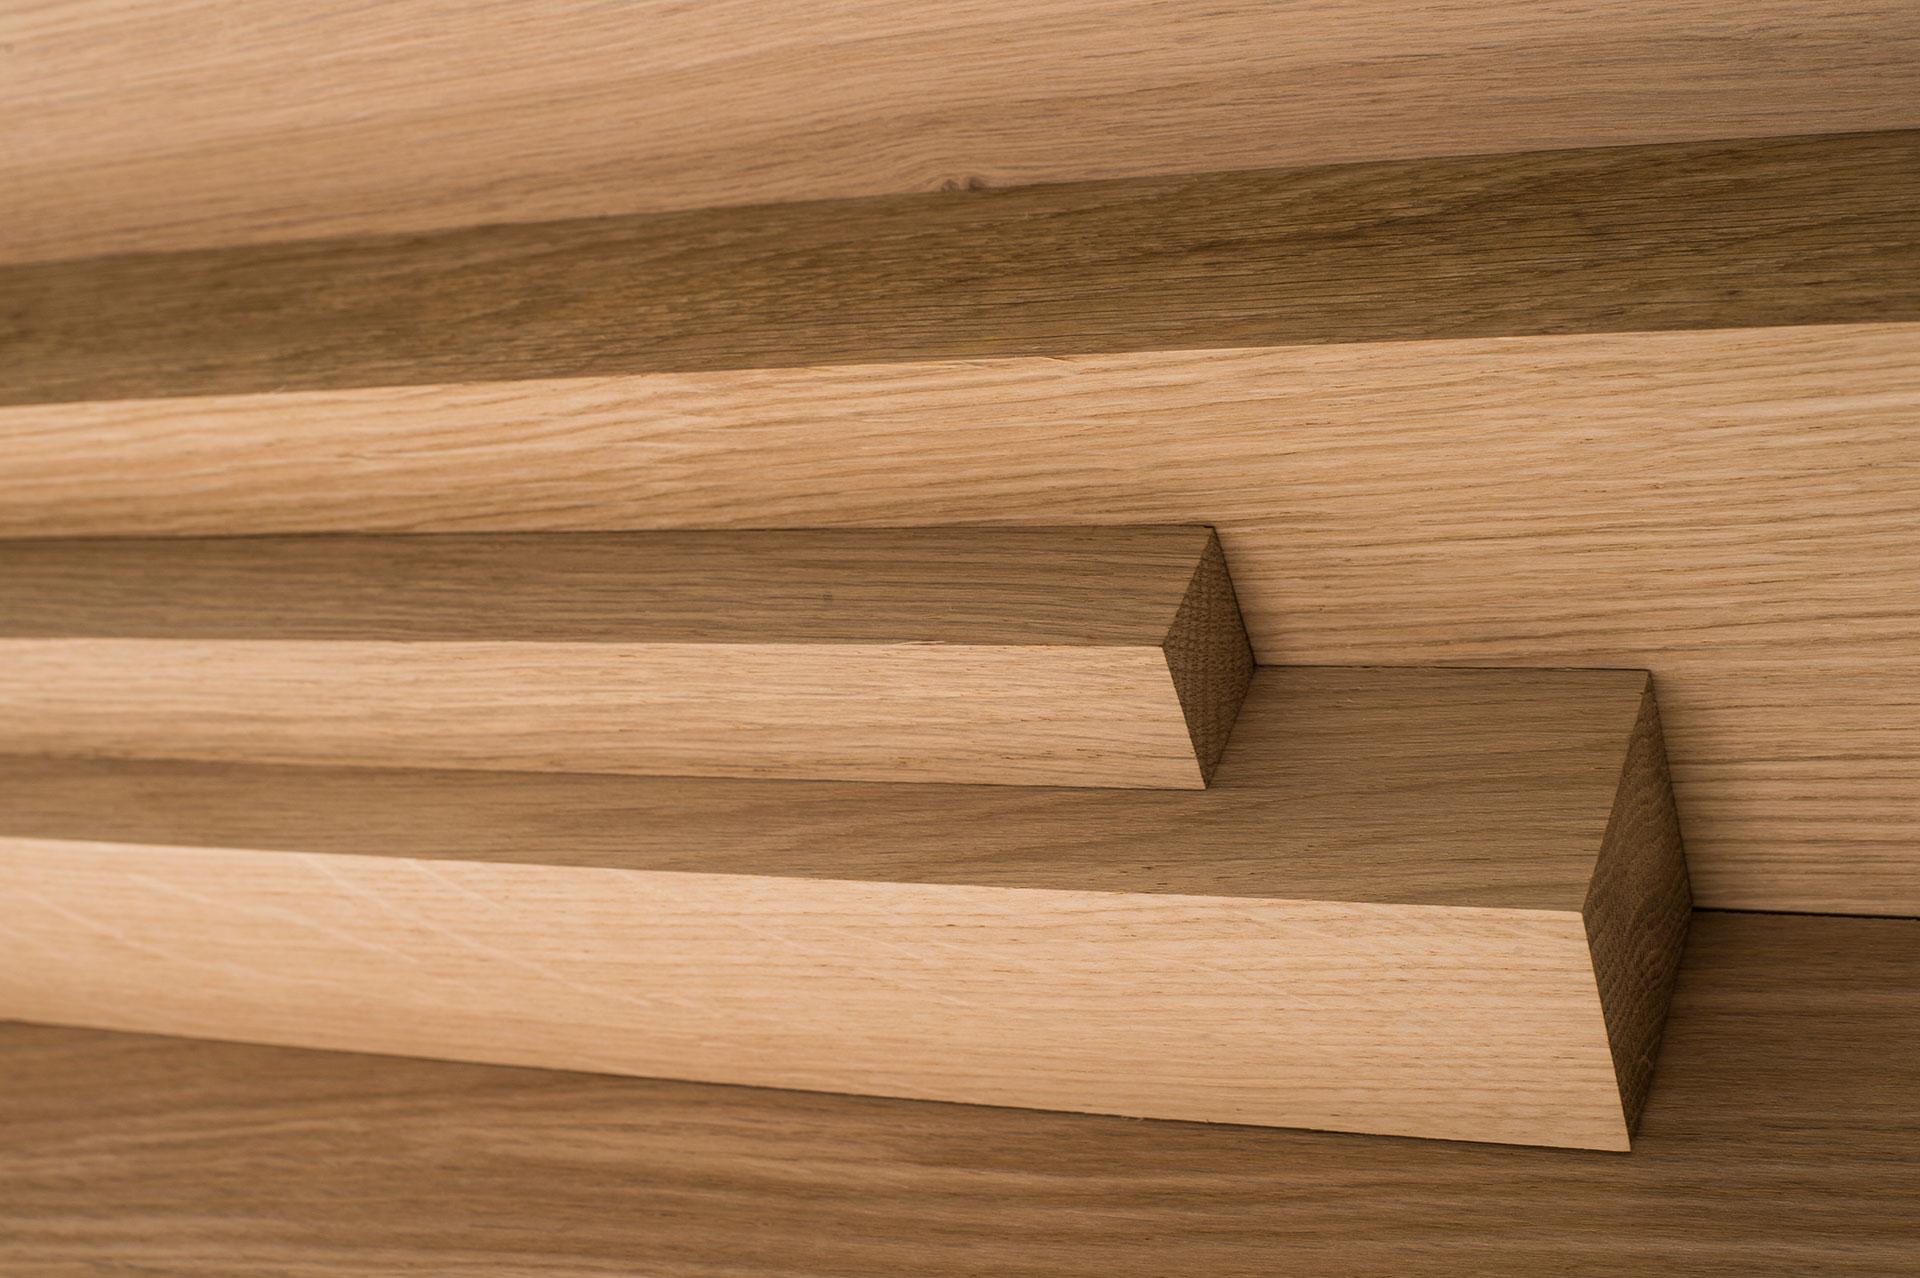 American White Oak Wood Cut To Order